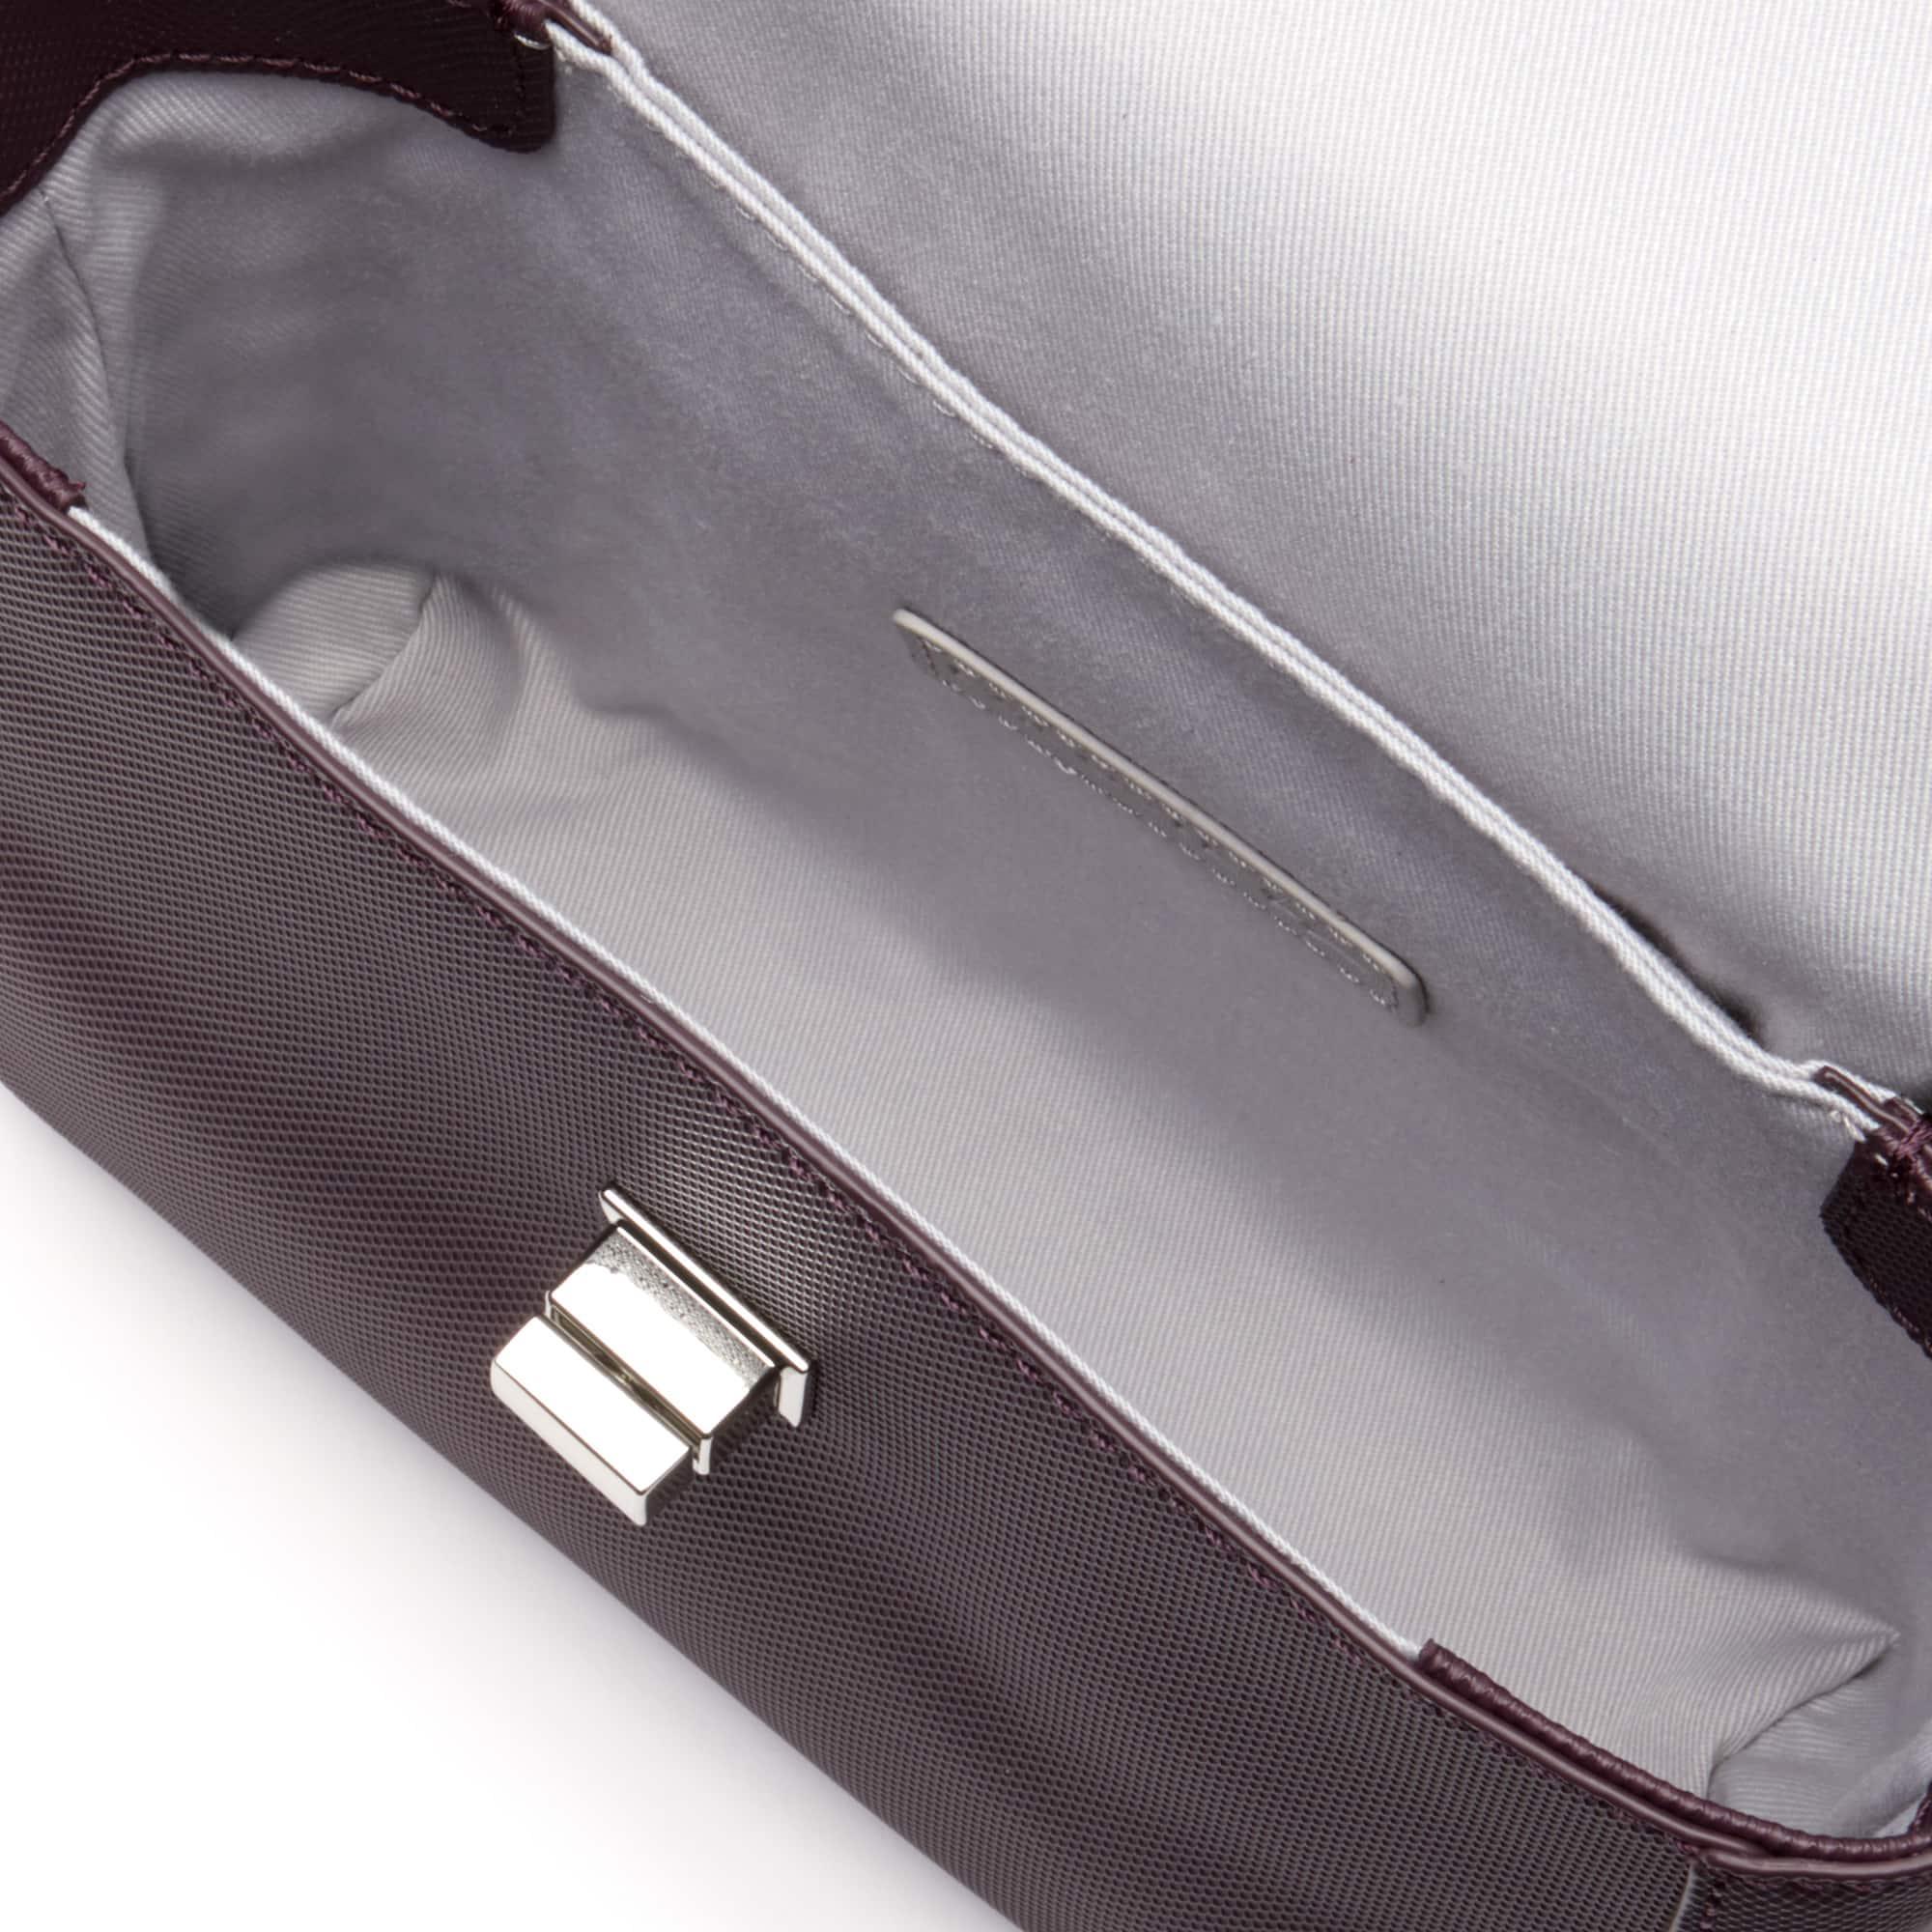 Lacoste - Damen-Klapptasche DAILY CLASSIC aus beschichtetem Piqué-Canvas - 3